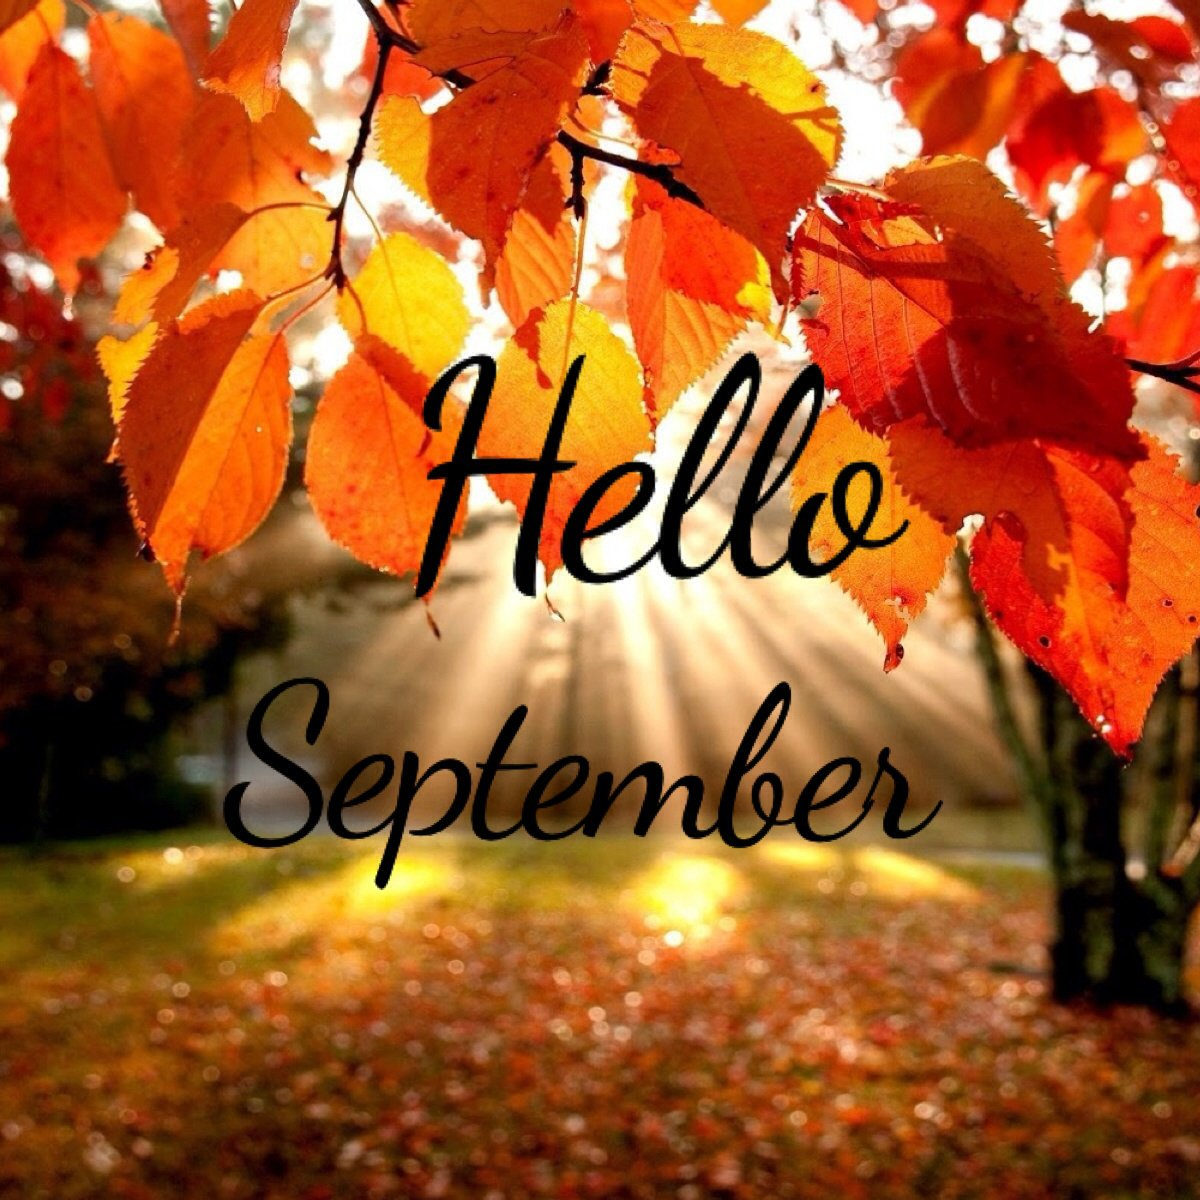 Открытка днем, картинки осень с надписями на английском